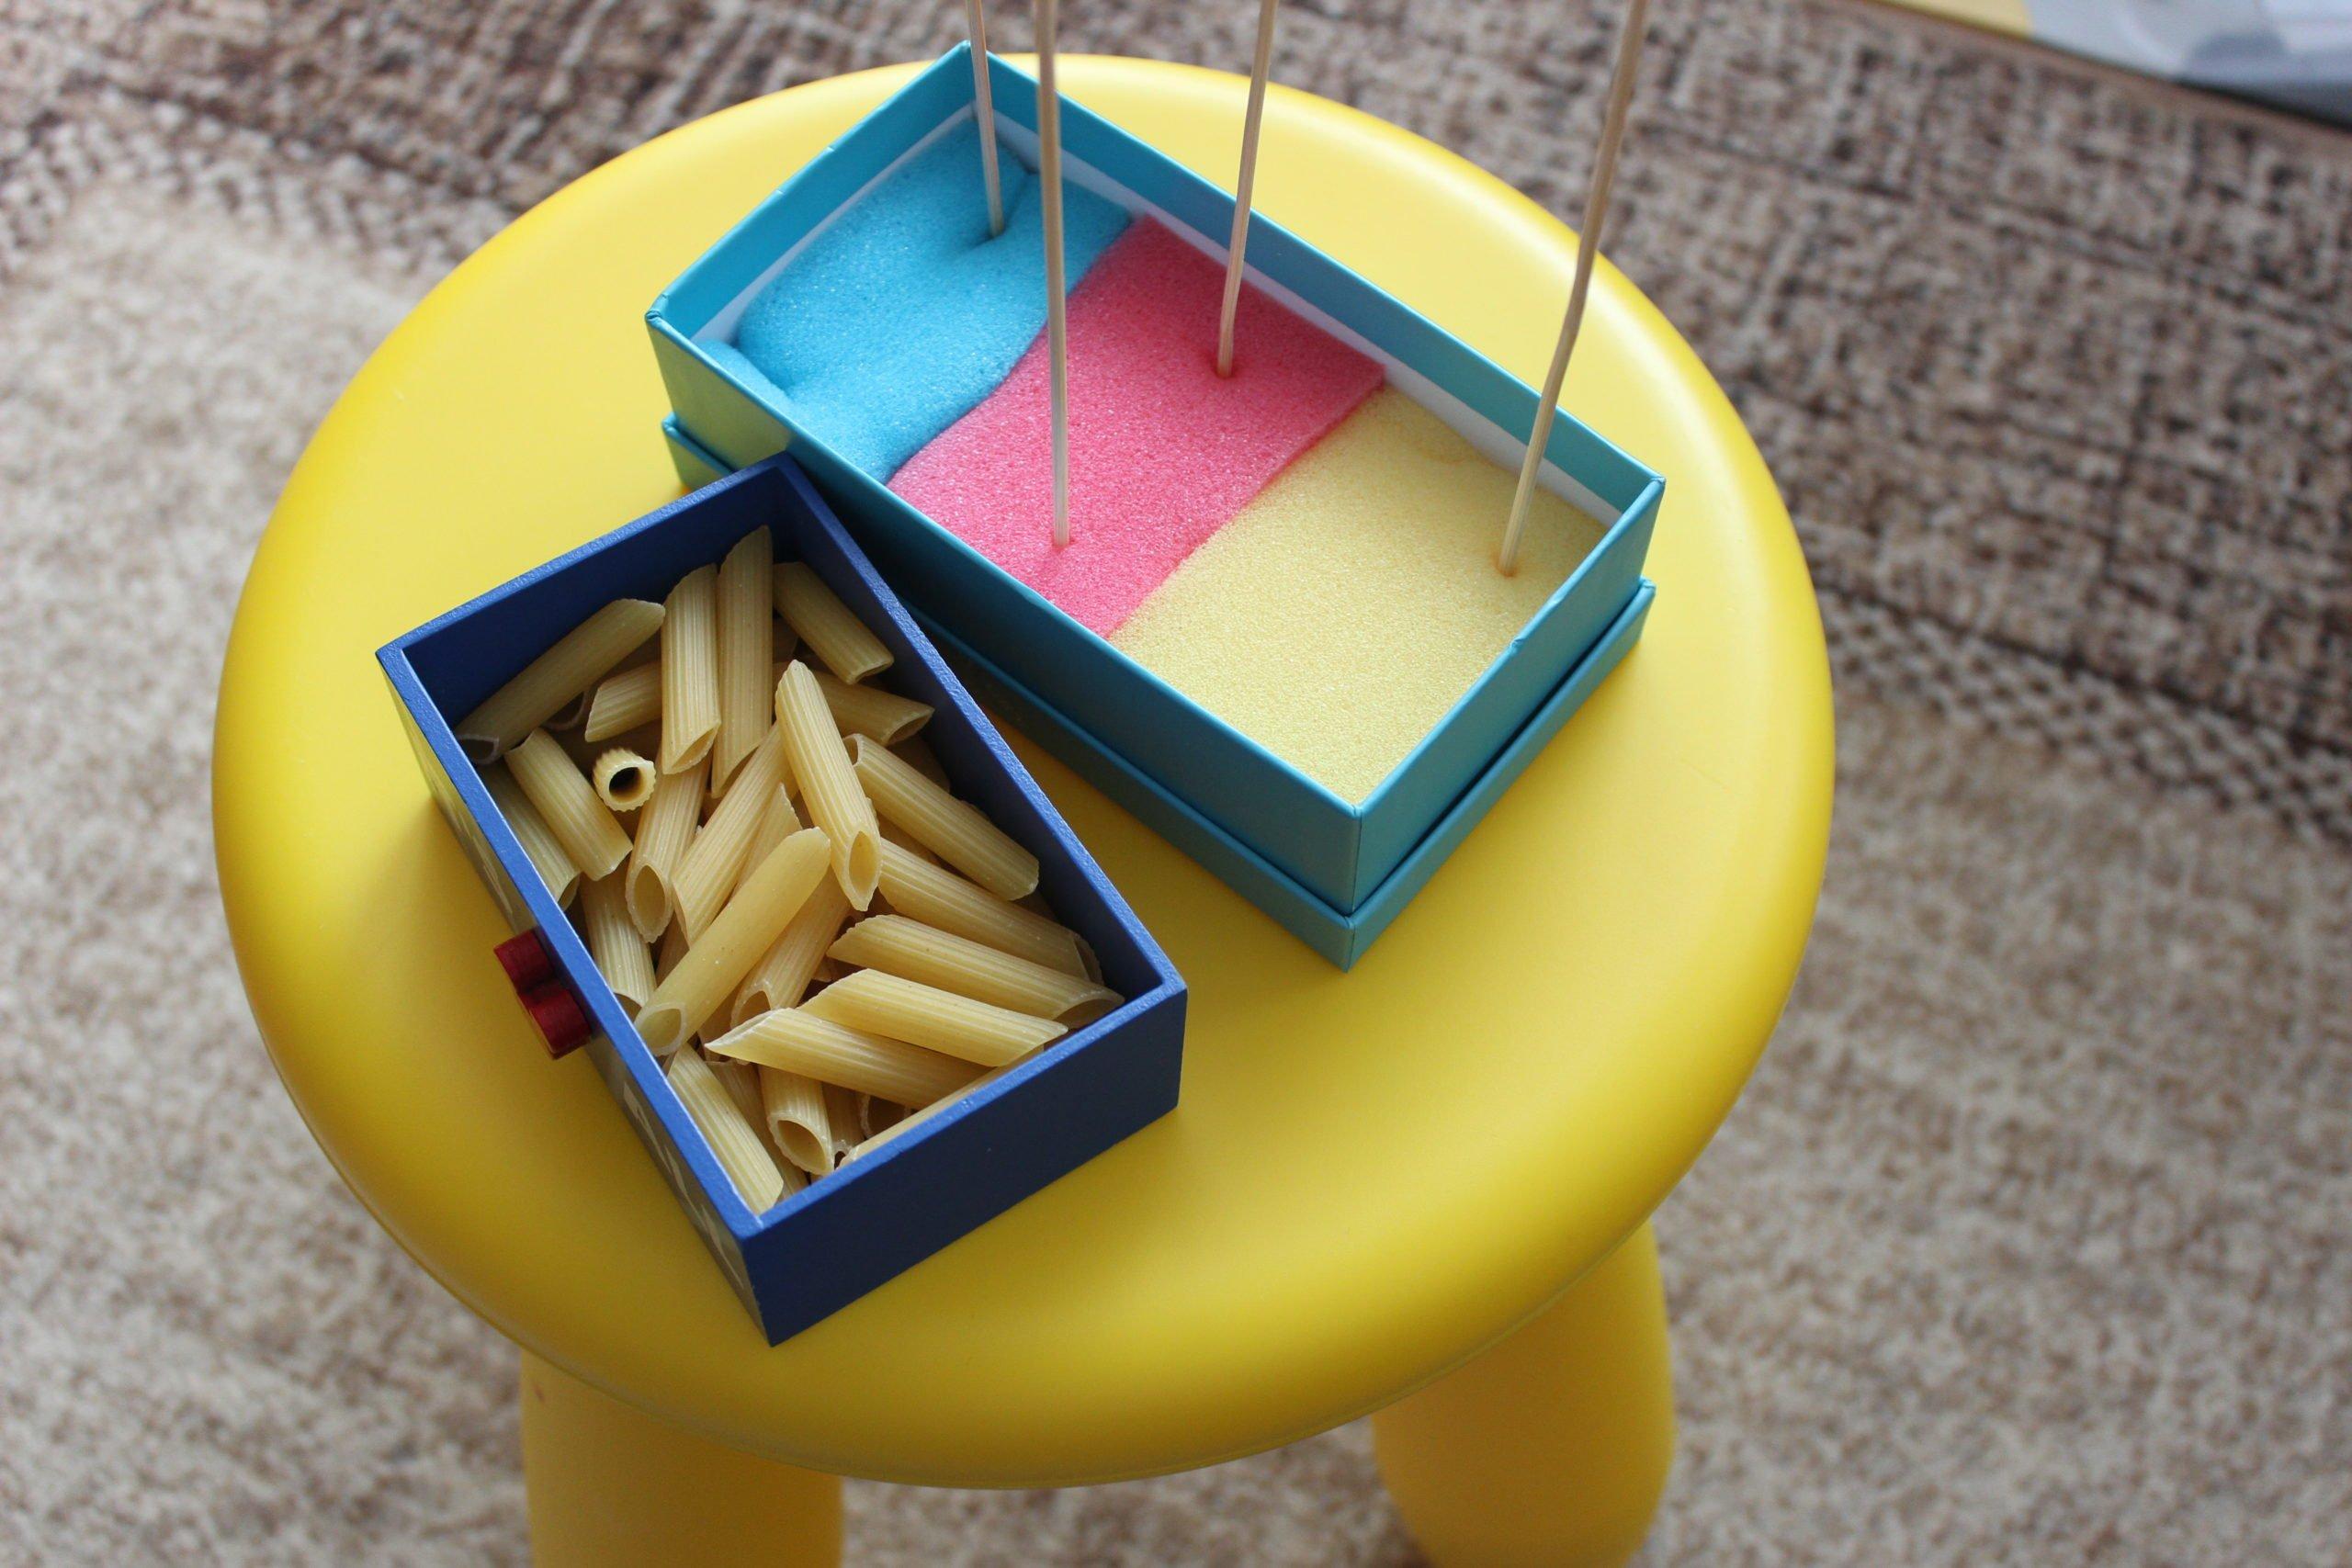 Zabawy dla dzieci, łatwy sorter z makaronu